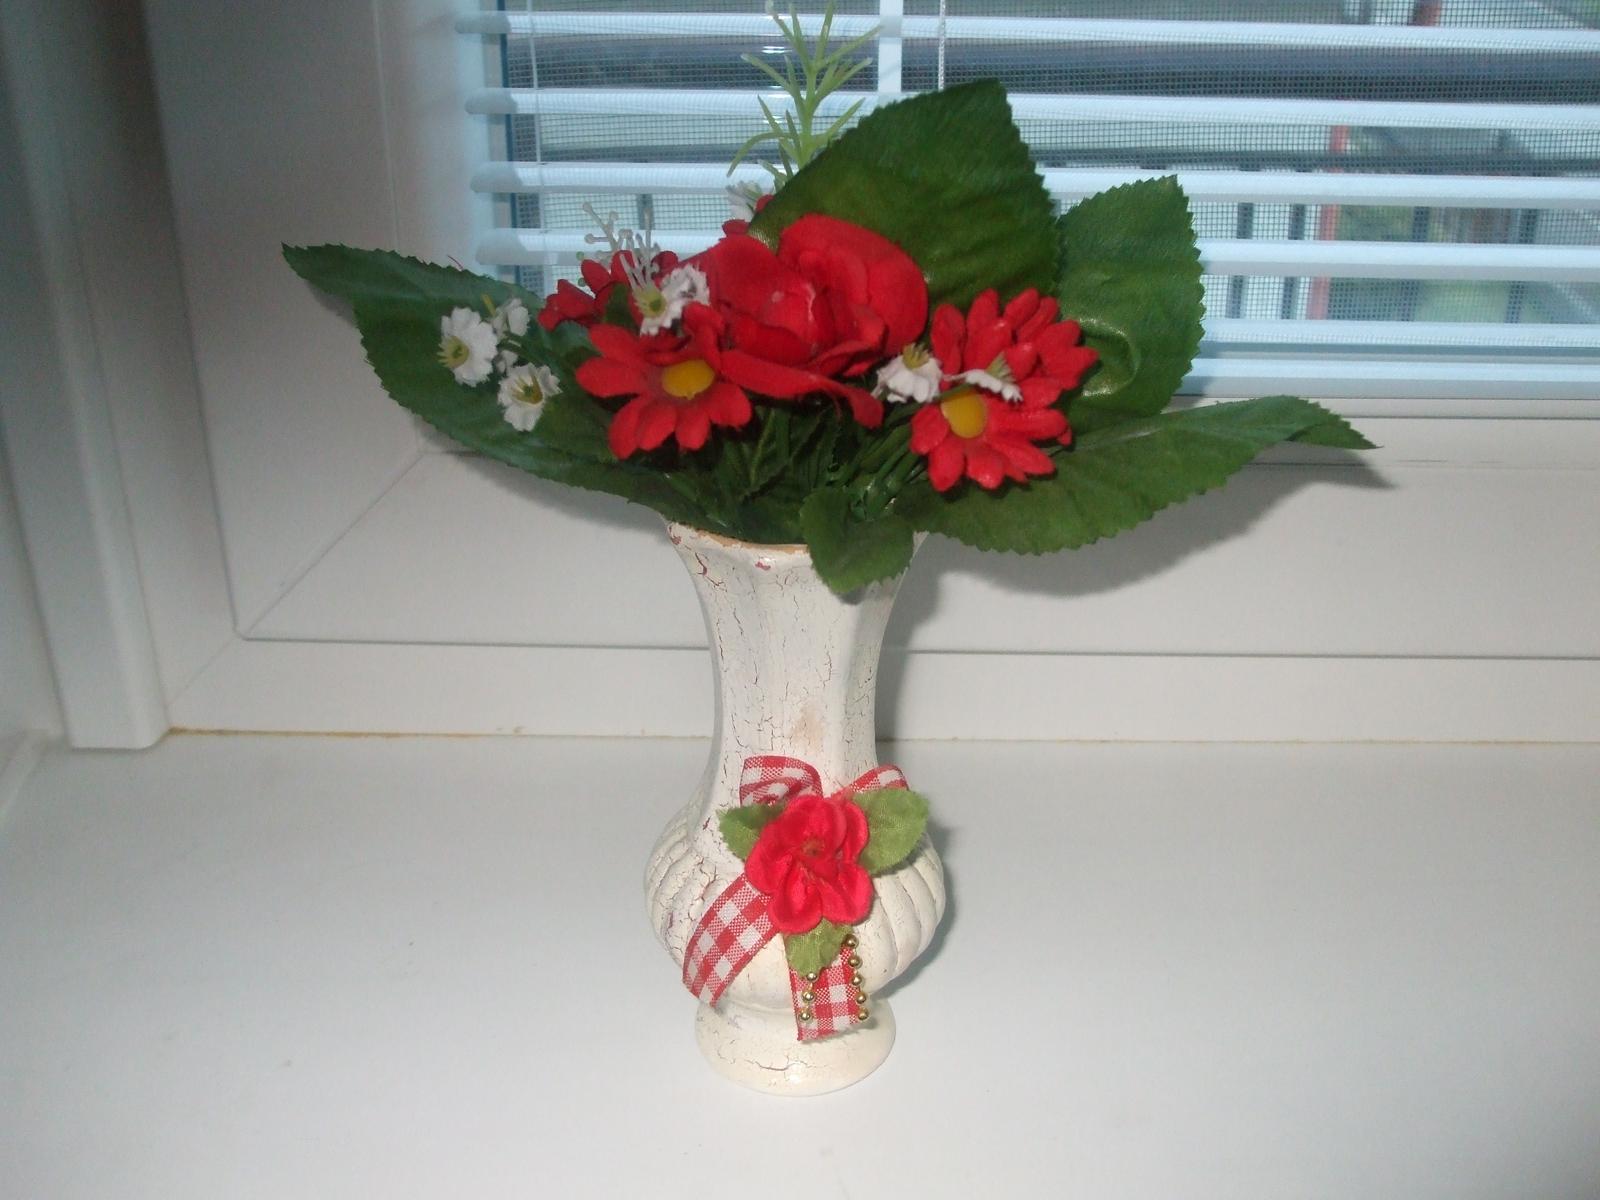 Zaujímavá vázička s kytičkou - Obrázok č. 1